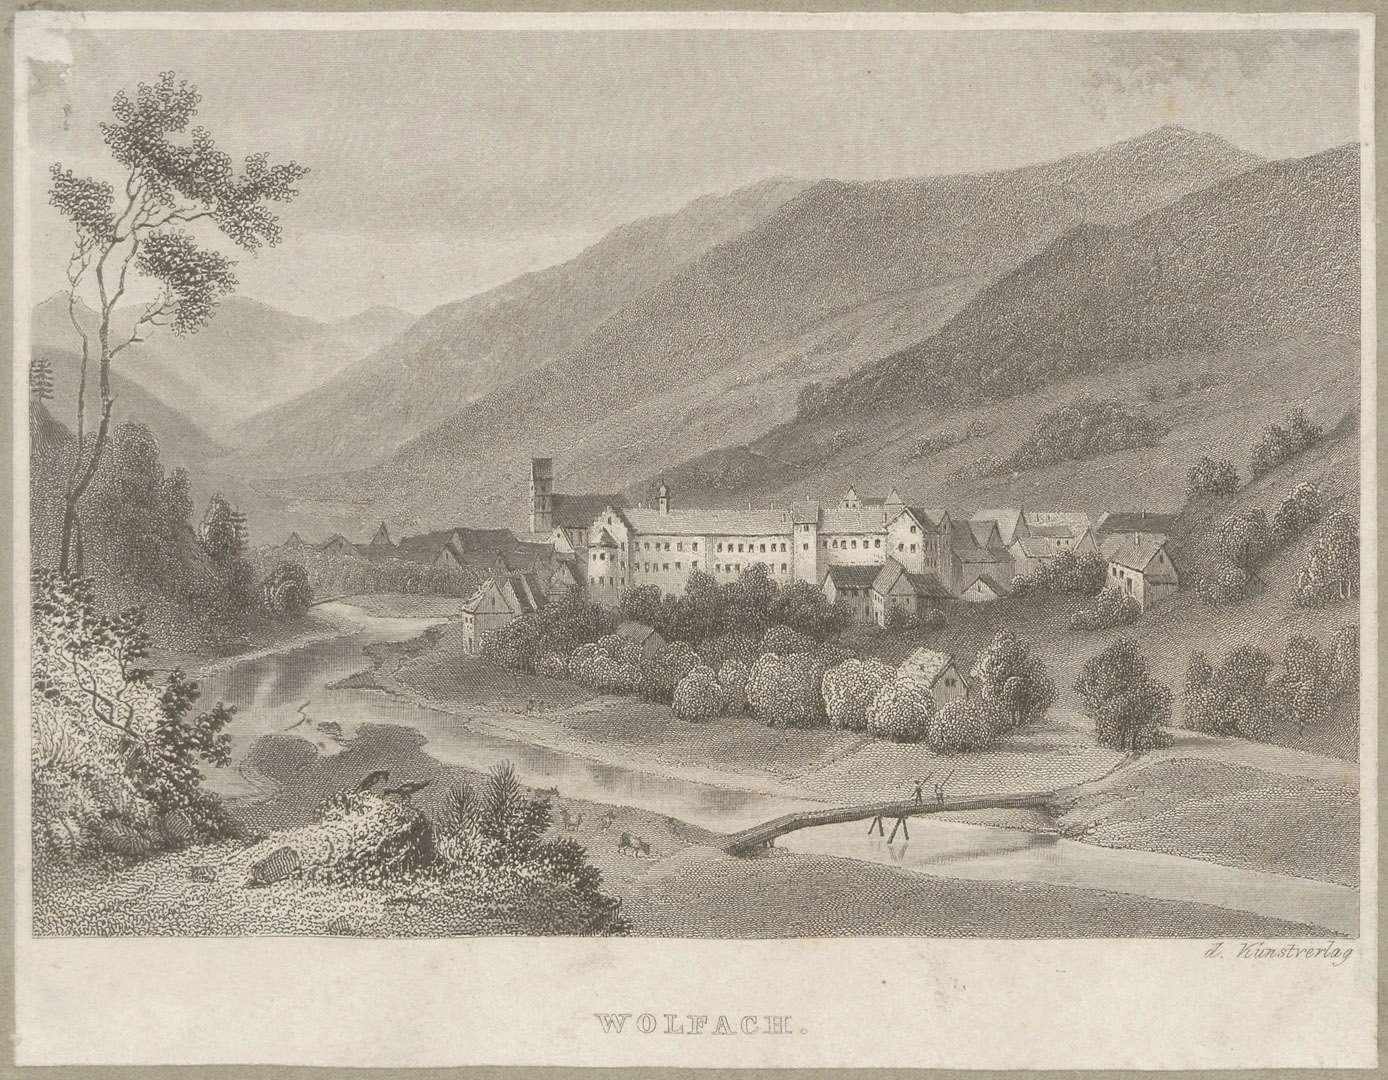 Wolfach, Bild 1